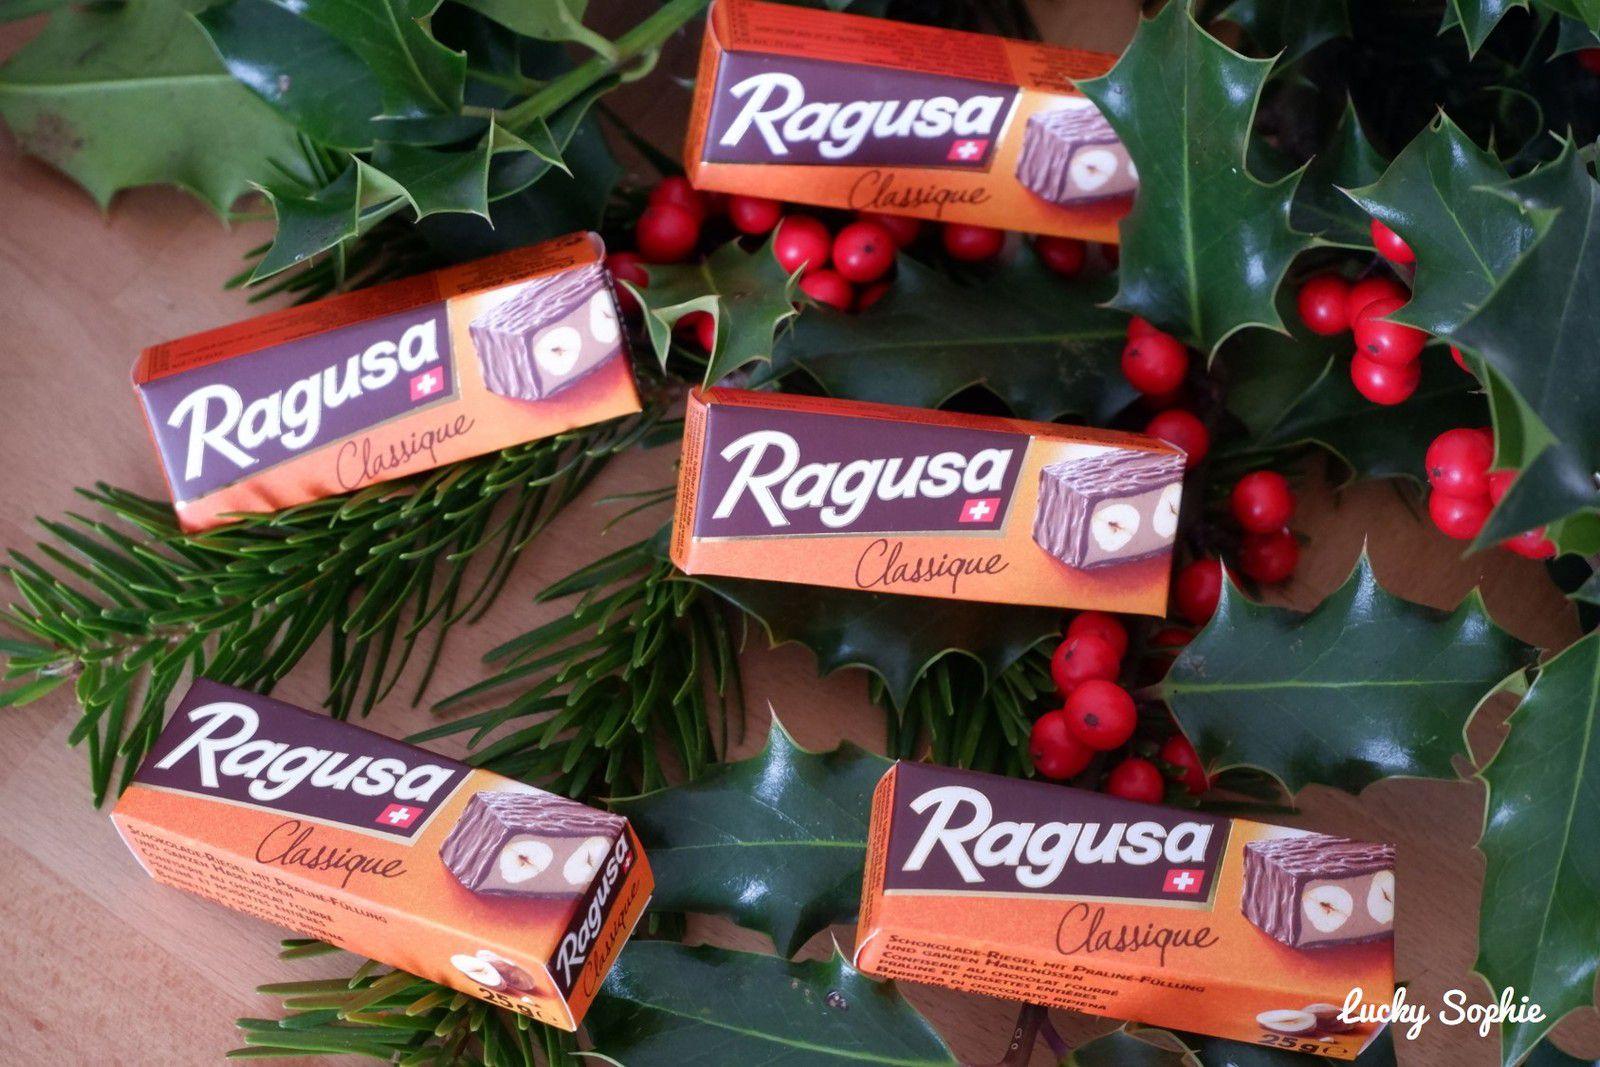 La Degusta box fêtes de fin d'année